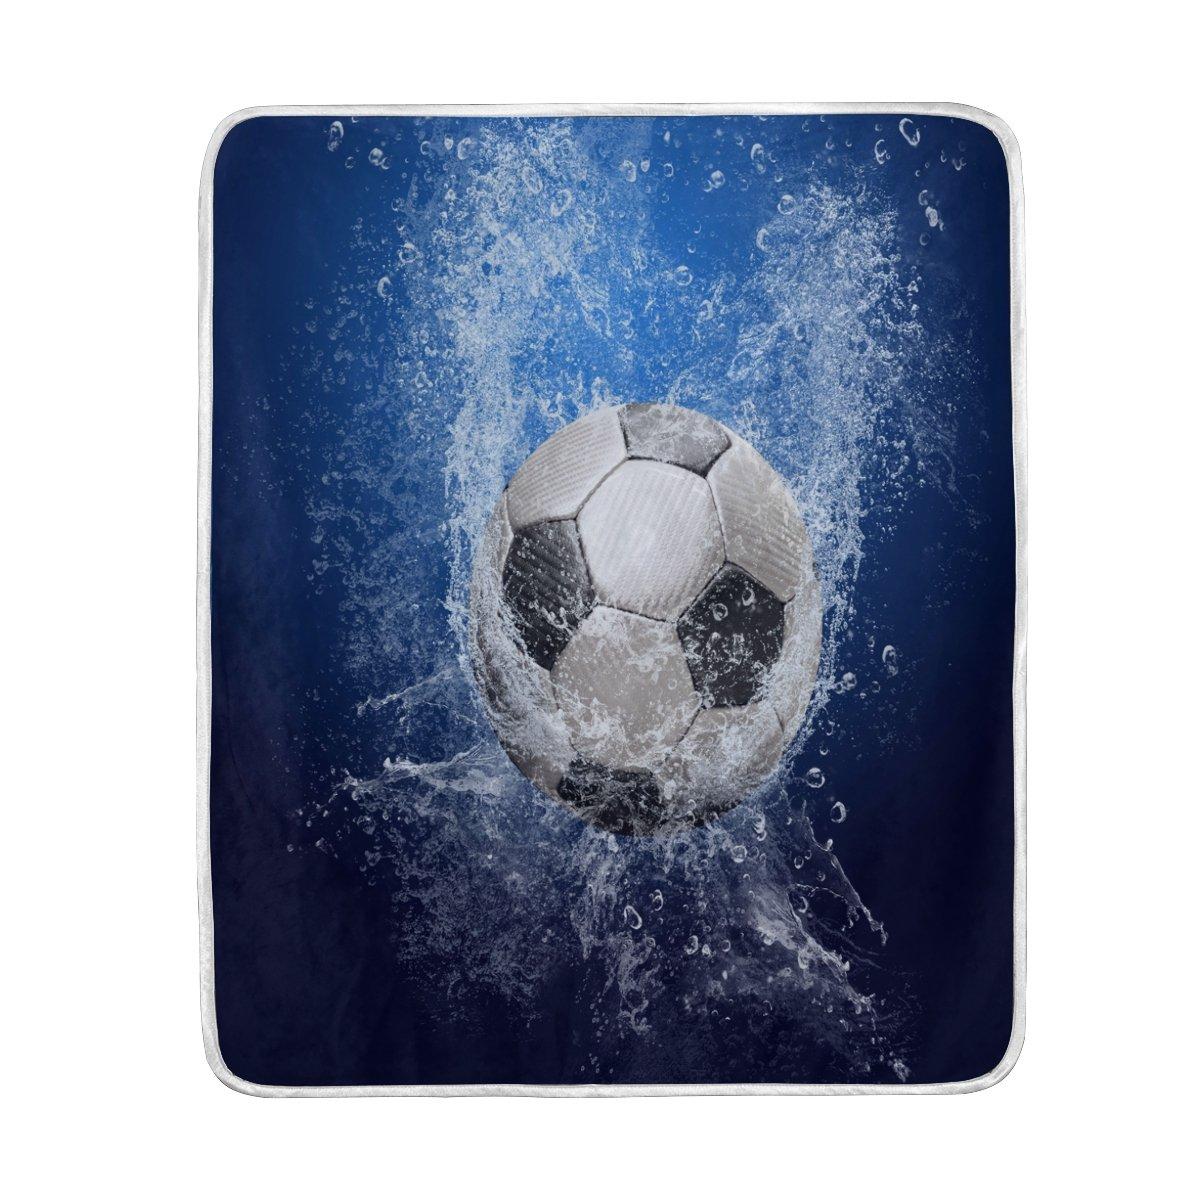 Alazaホームインテリア水Drops Aroundサッカーボール毛布ソフト暖かい毛布ベッドソファソファ軽量旅行キャンプ60 x 50インチ女性のためのスローサイズキッズ男の子 B0771N9PV8